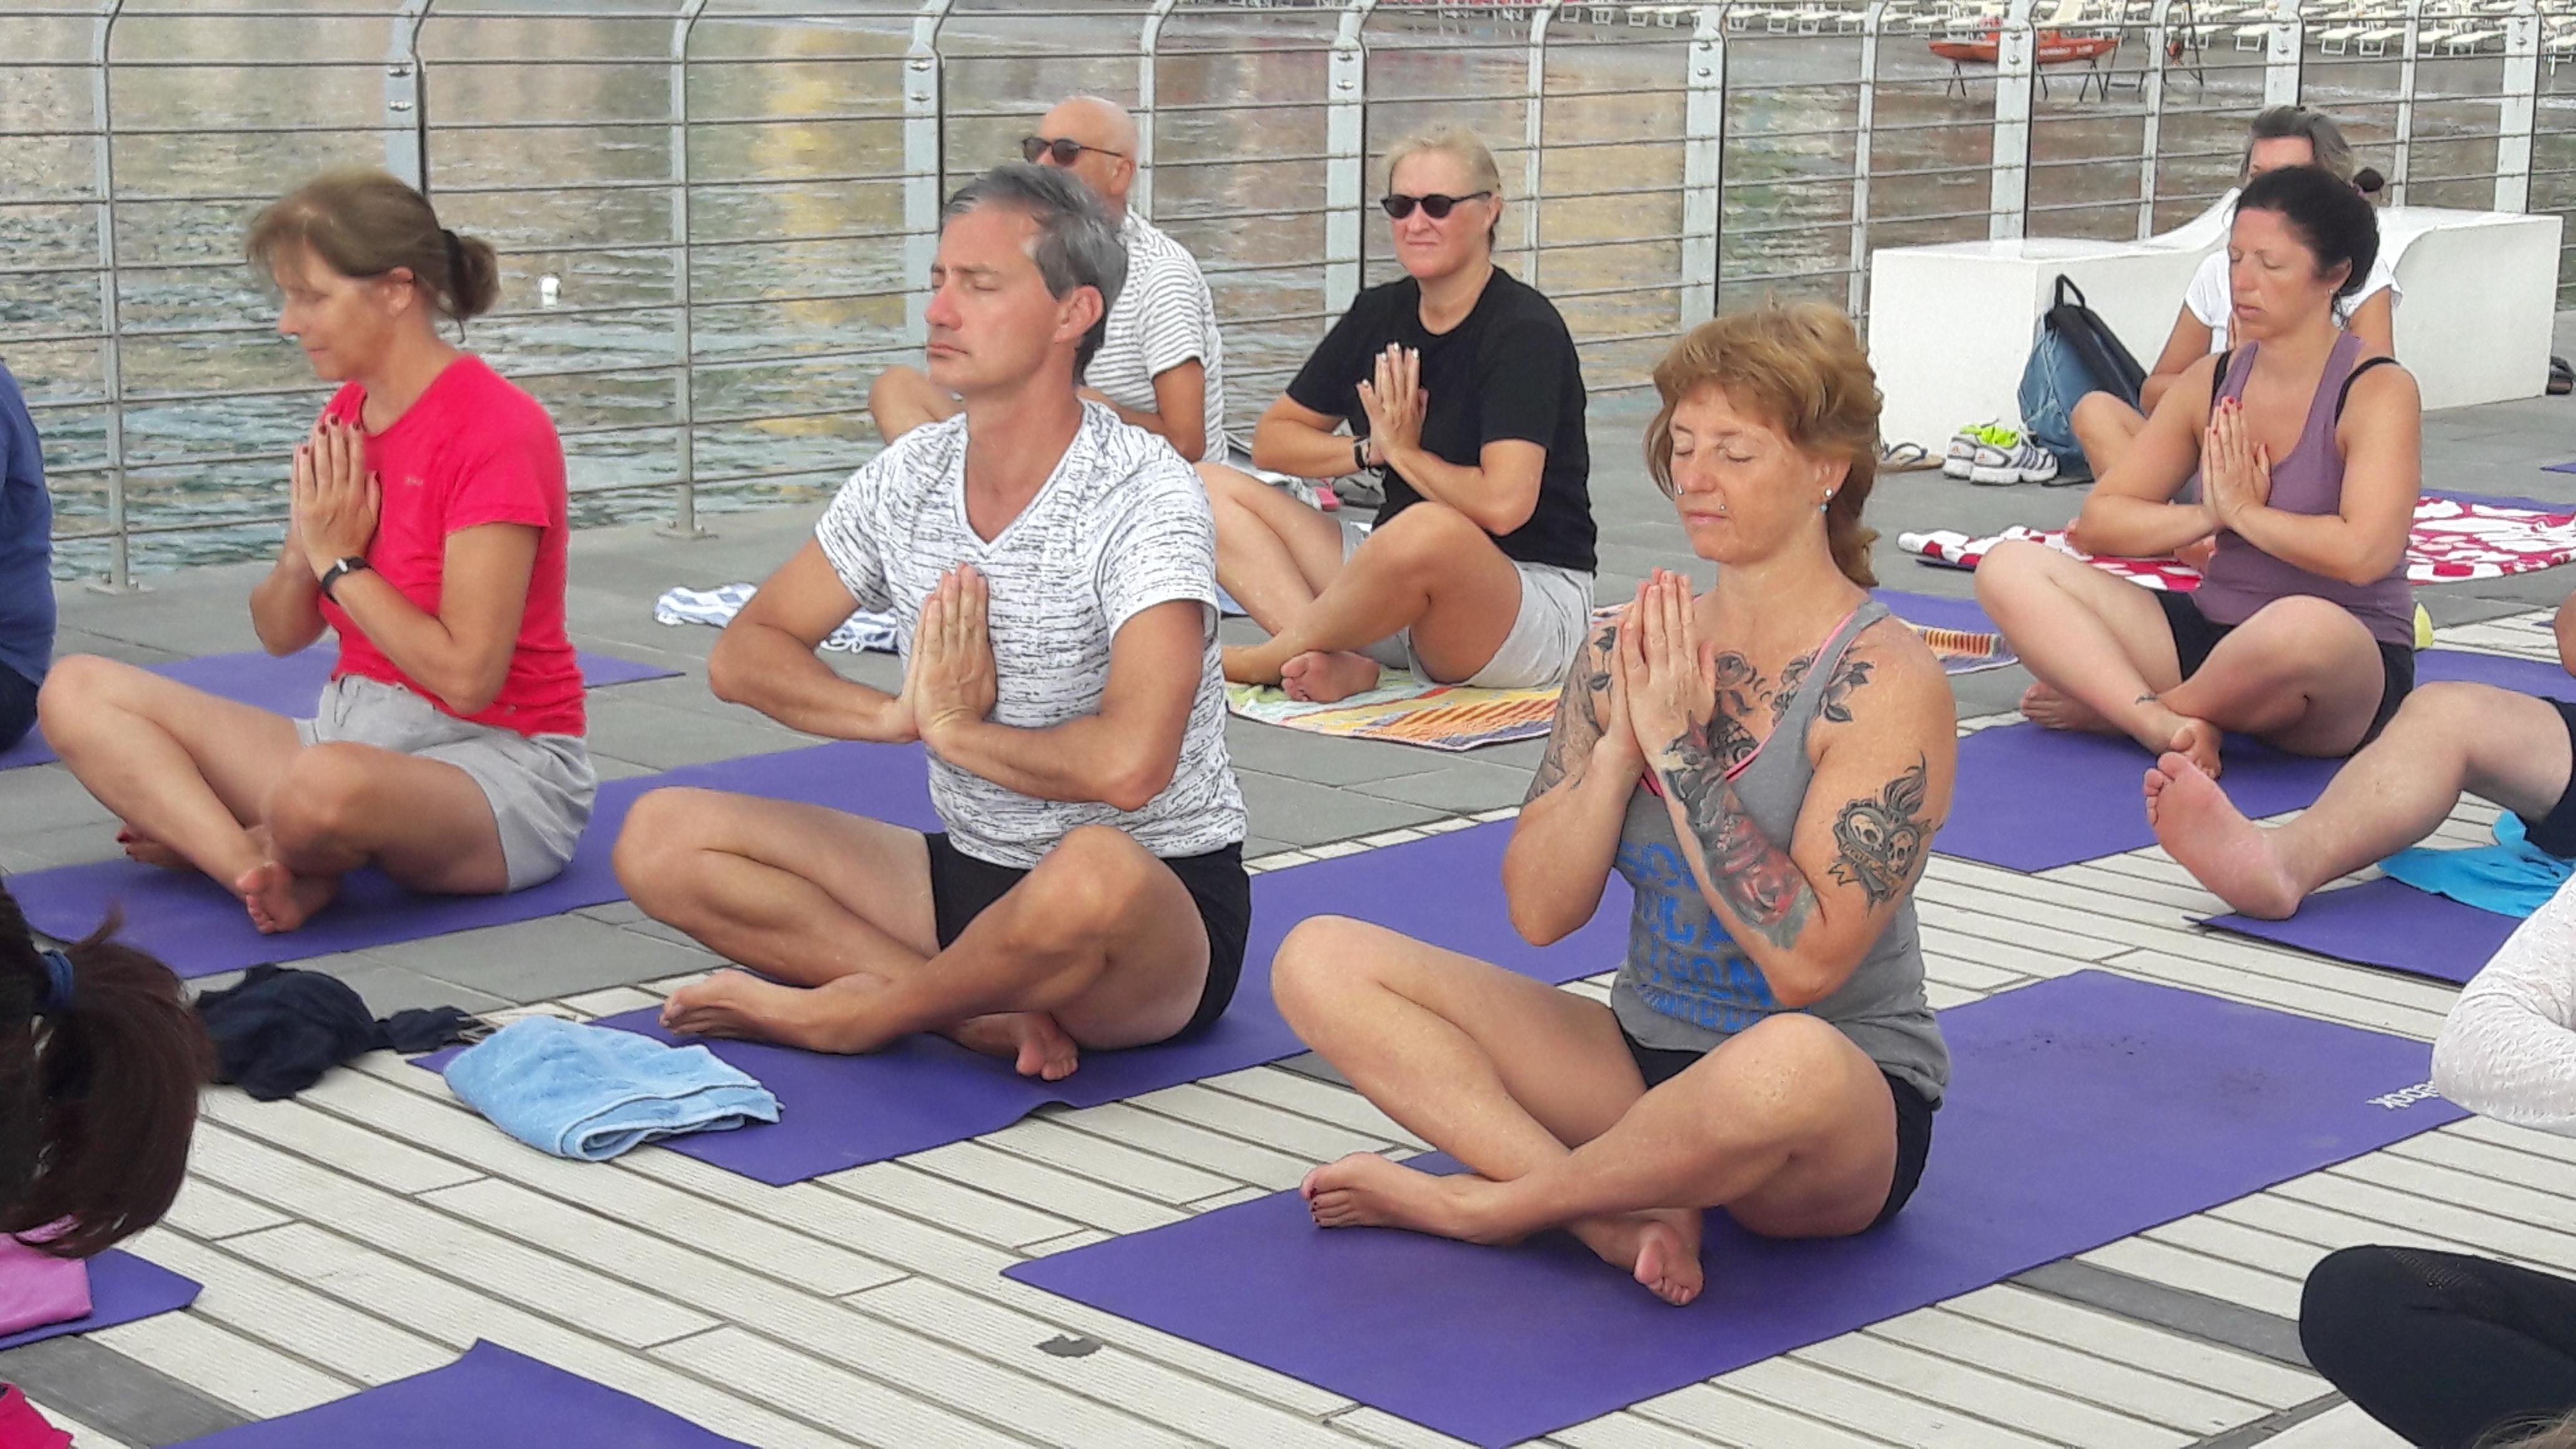 essere-free-yoga-gratuito-benessere-per-tutti-village-citta-alassio-estate-lucia-ragazzi-summer-town-wellness-47